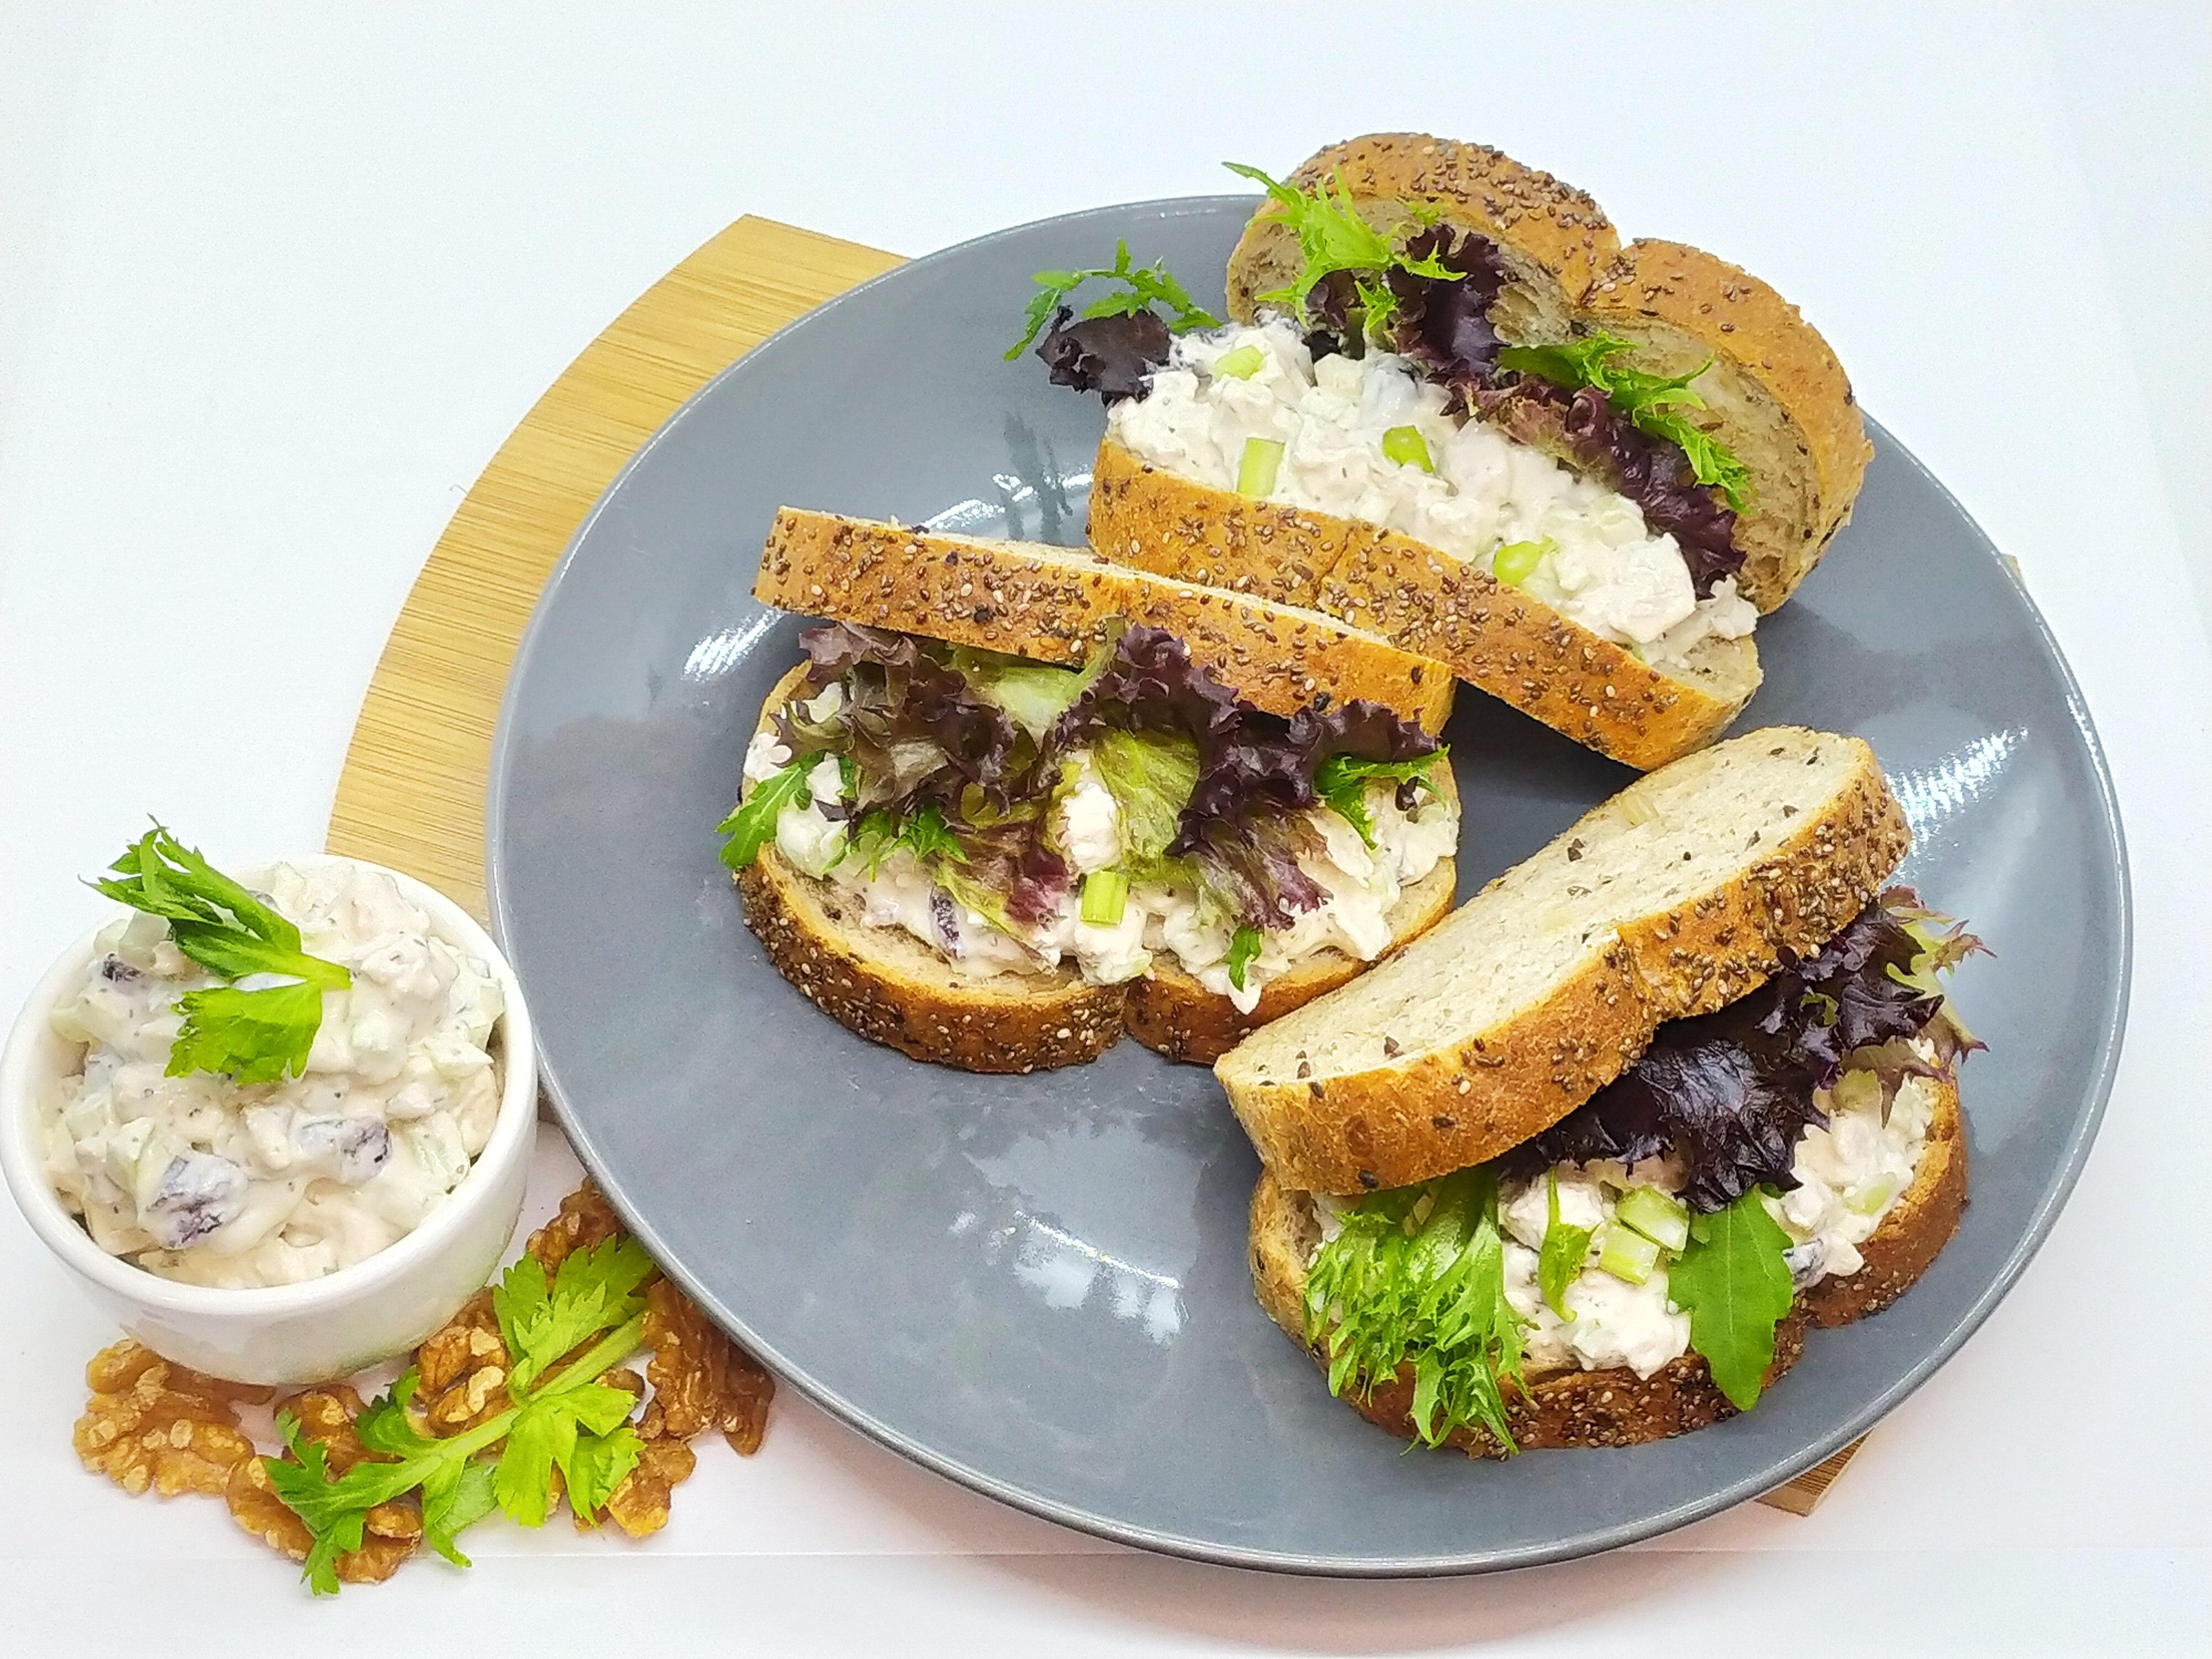 walnut-celery-chicken-sandwich